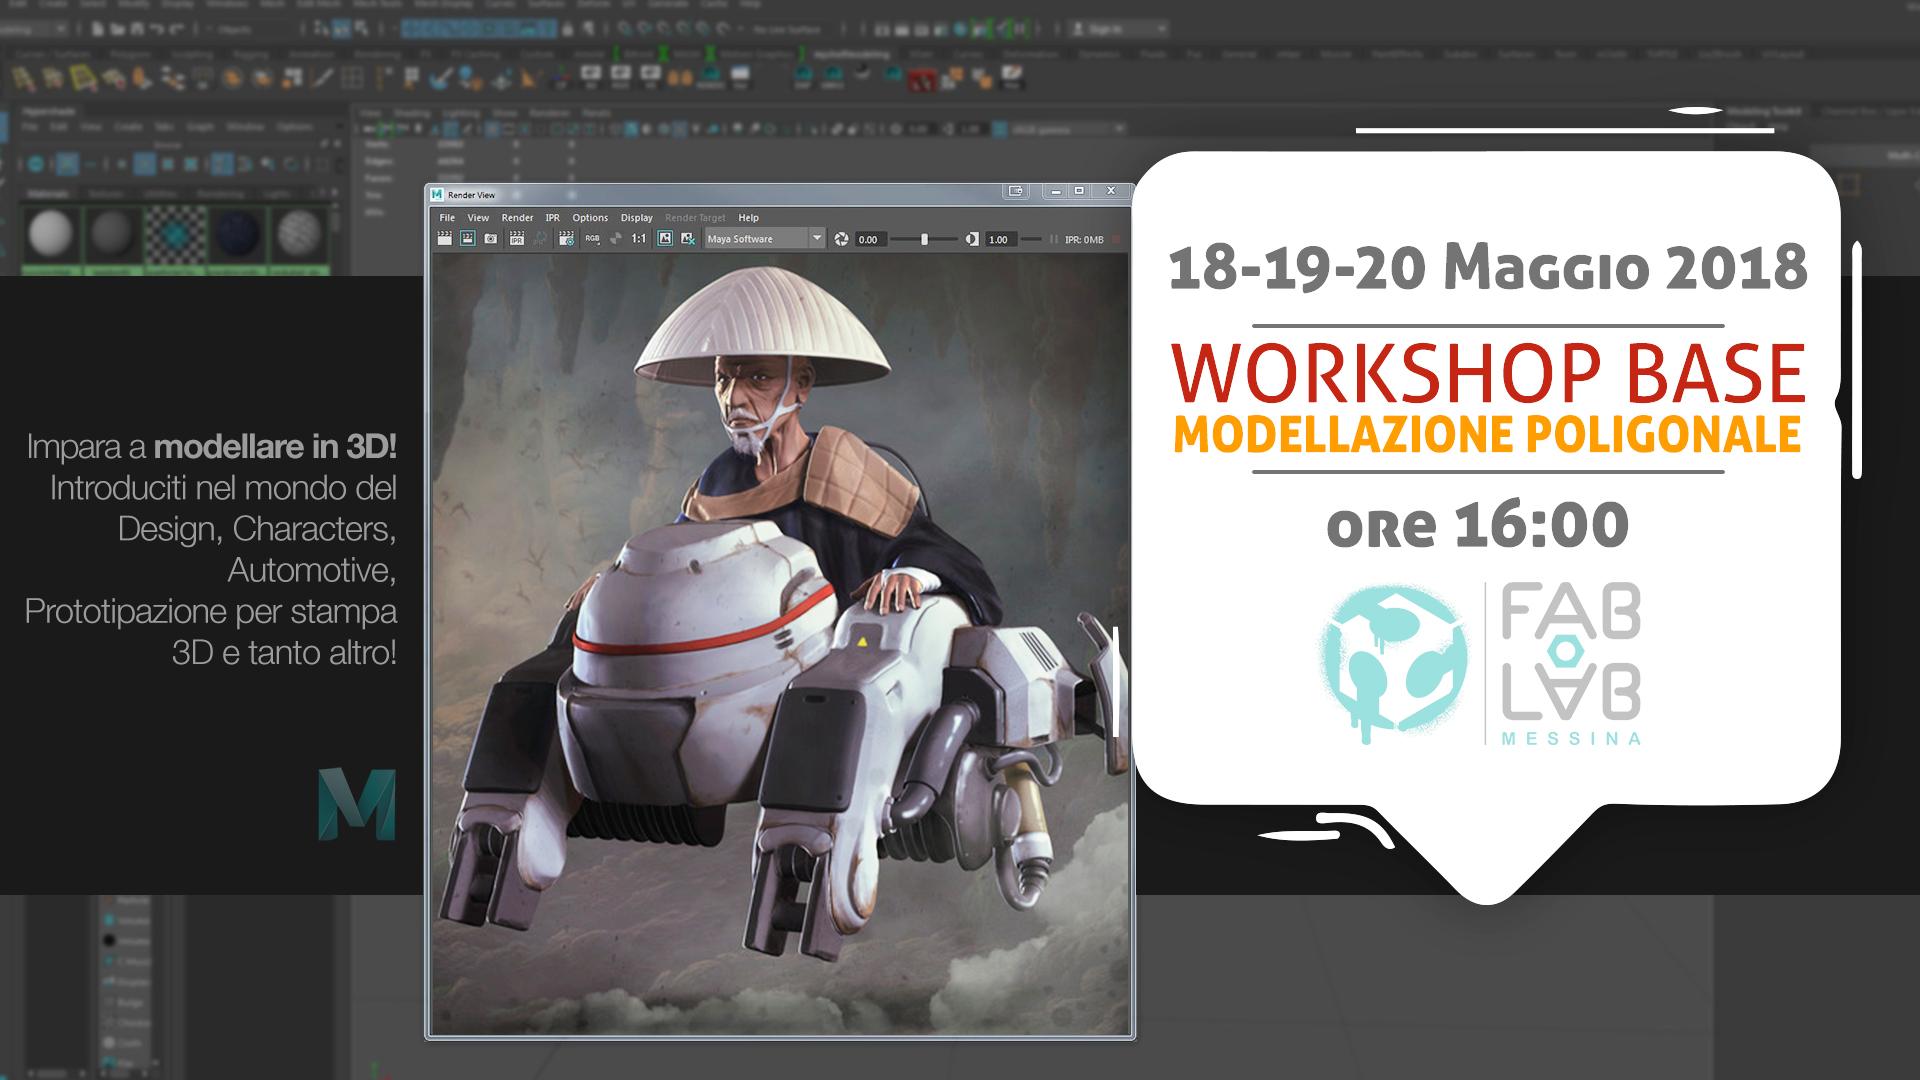 Workshop di Modellazione Poligonale